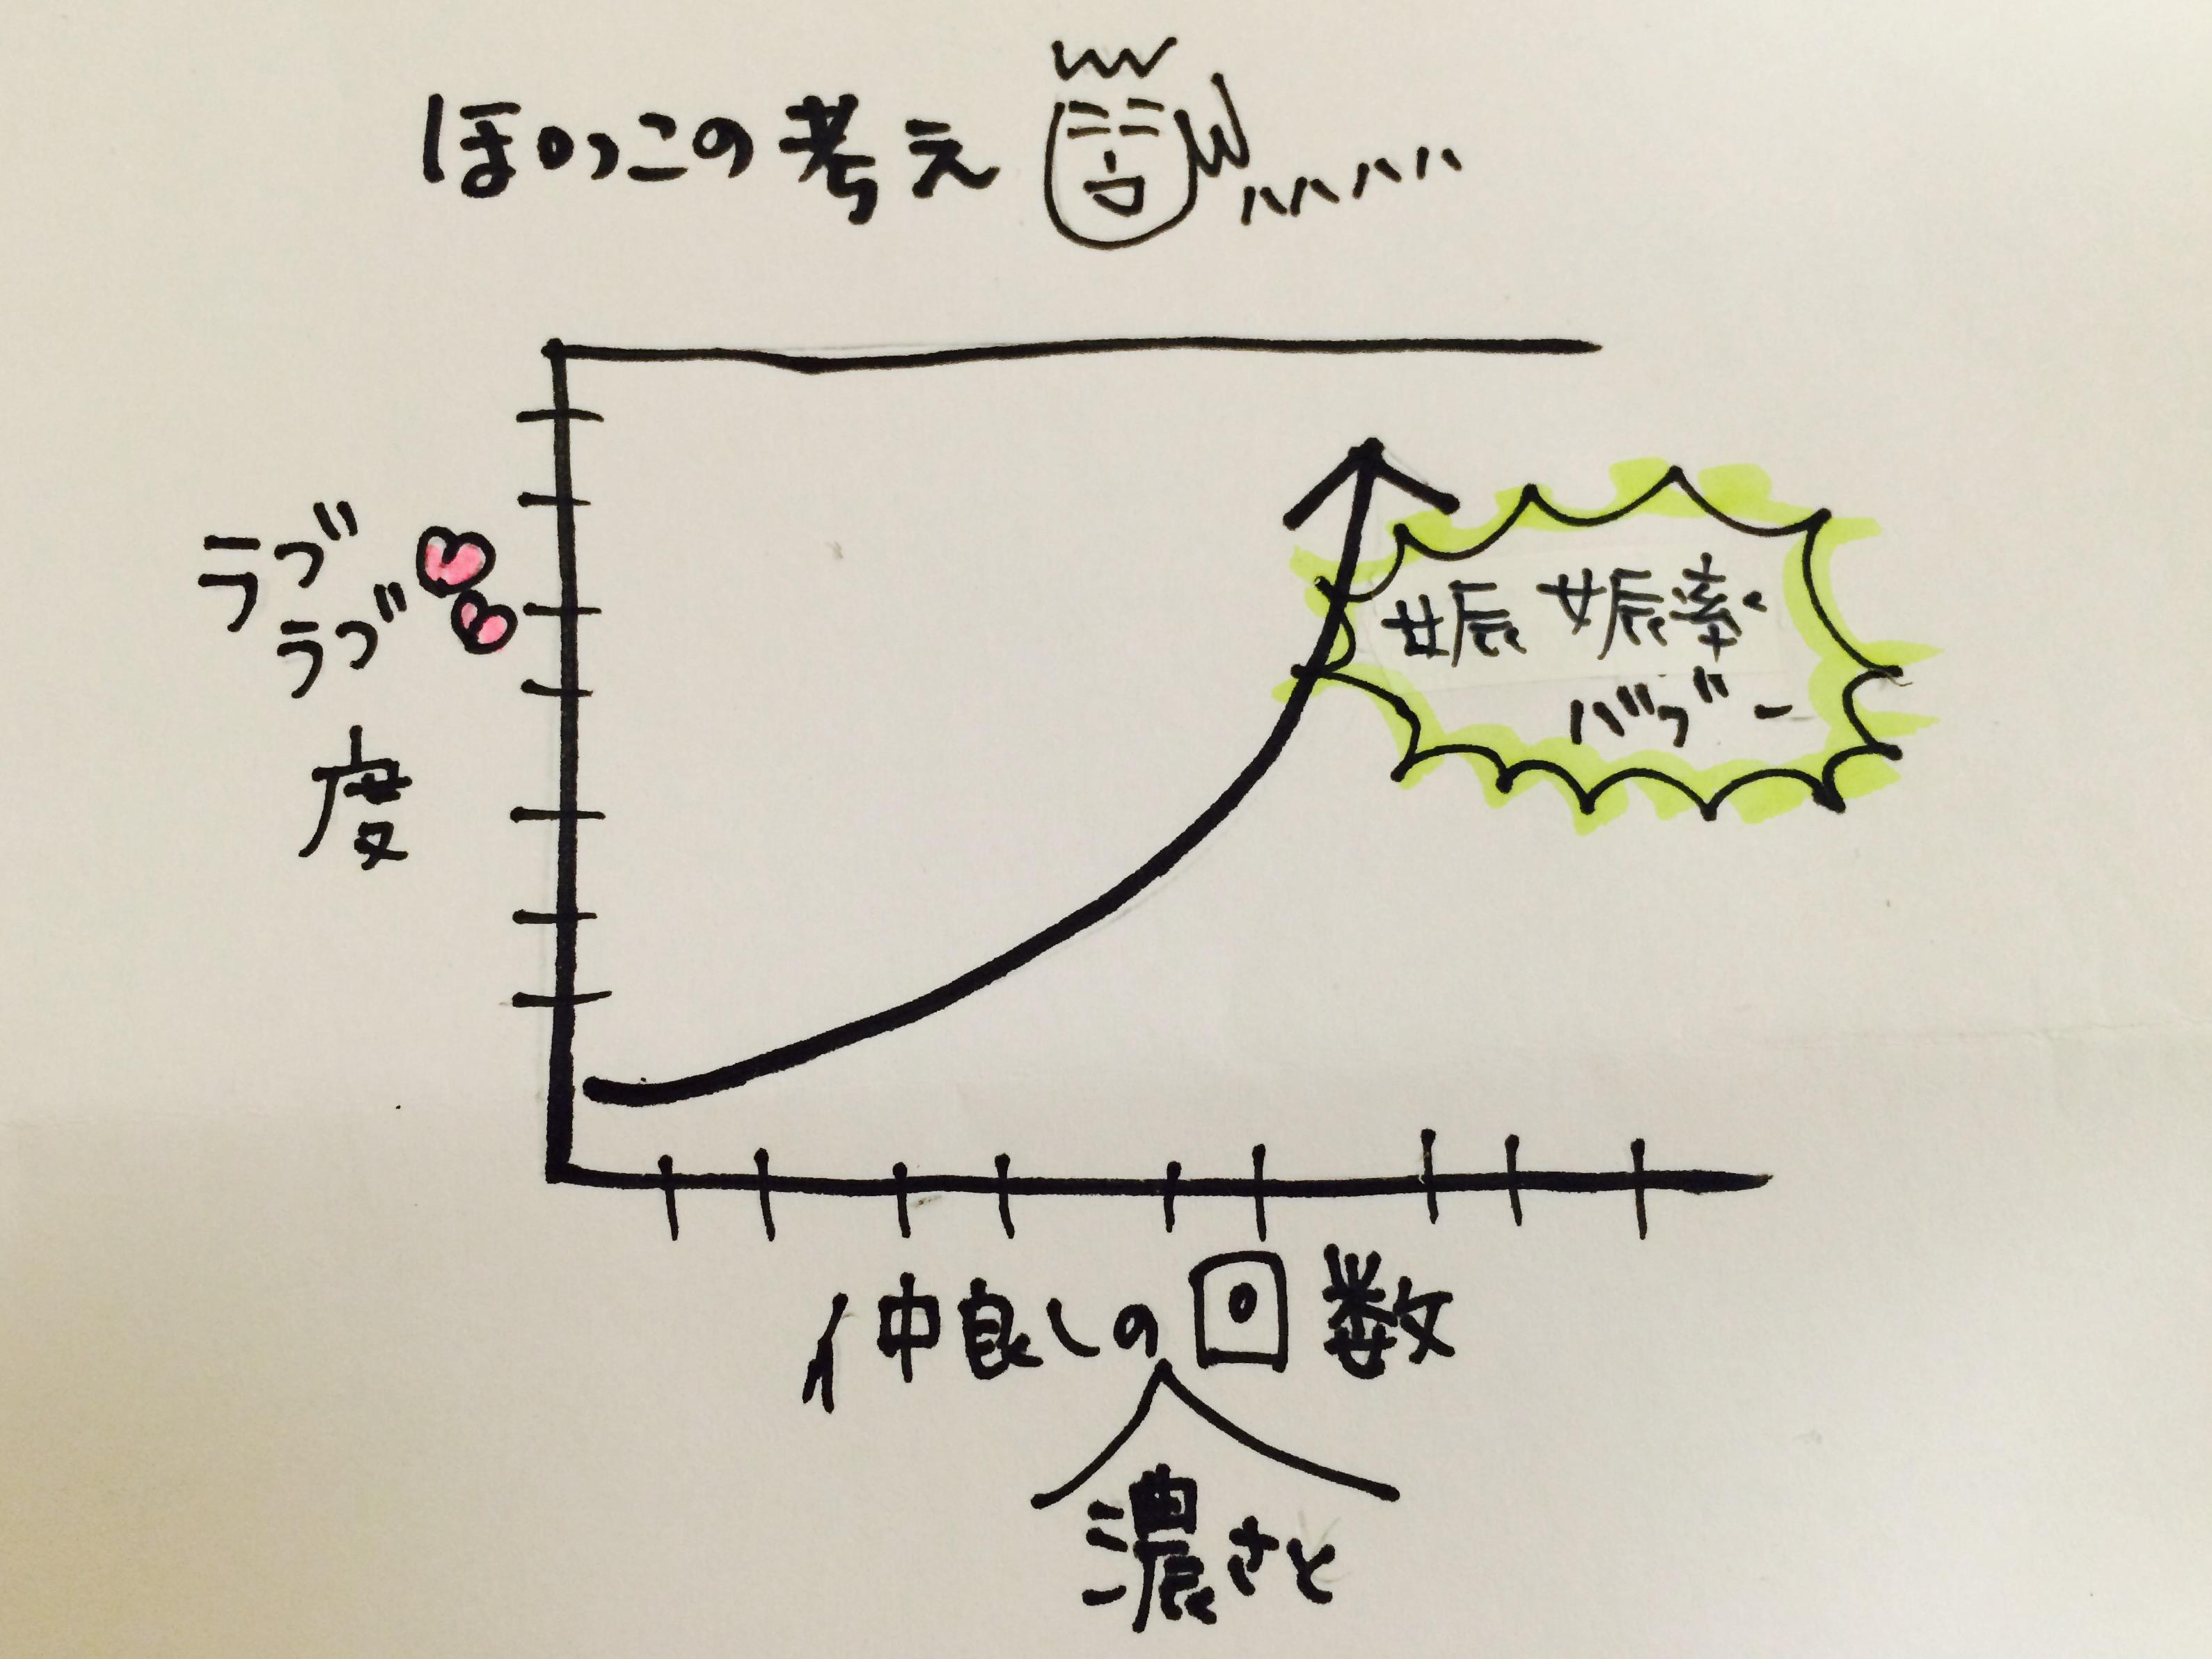 図、グラフ